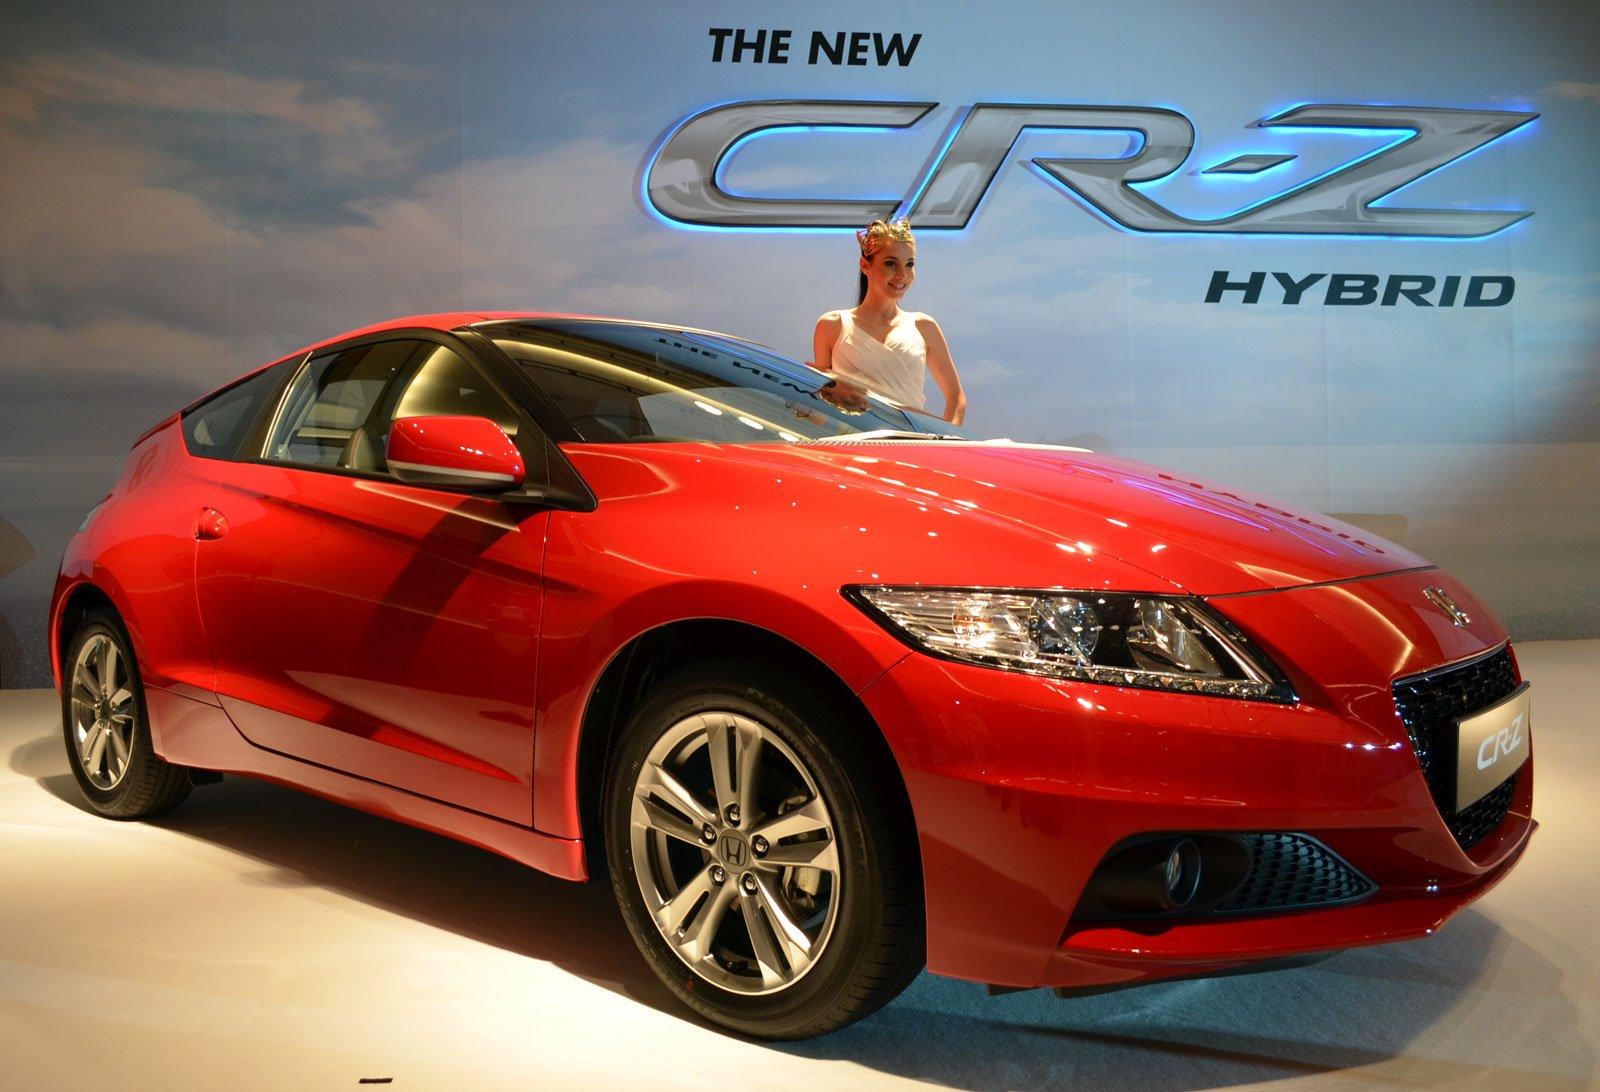 Kelebihan Harga Honda Crz Perbandingan Harga